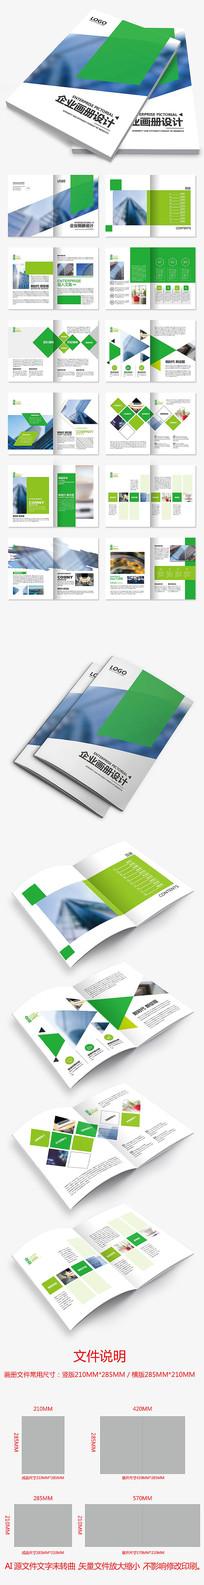 绿色创意画册企业画册公司宣传册设计模板